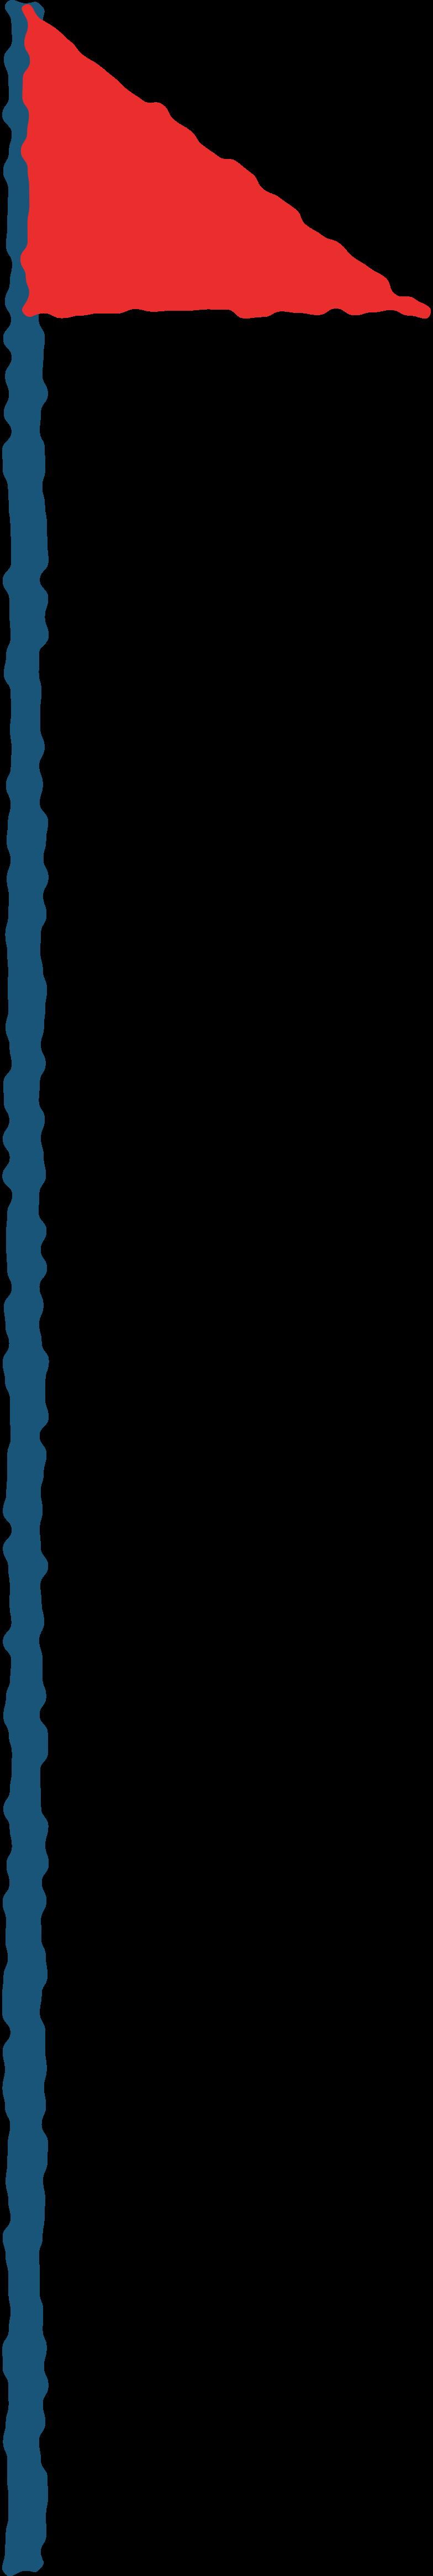 Bandeira de golfe Clipart illustration in PNG, SVG